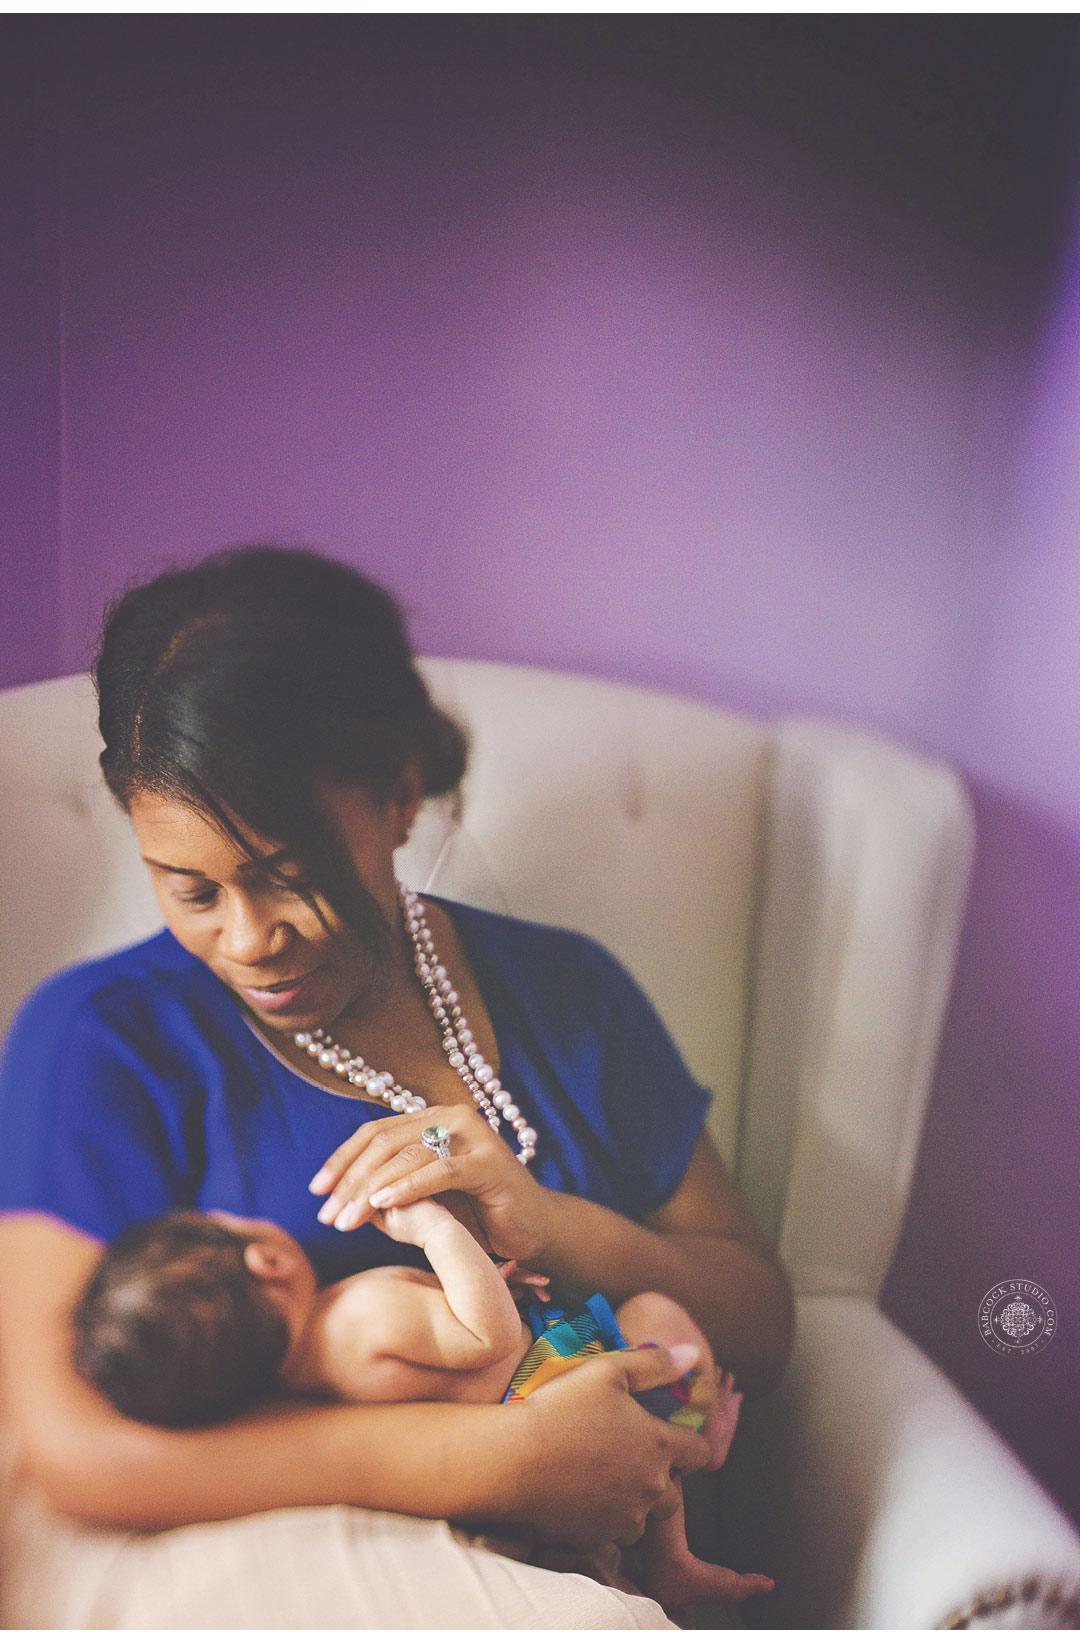 watras-newborn-bellbrook-photographer-children-5.jpg